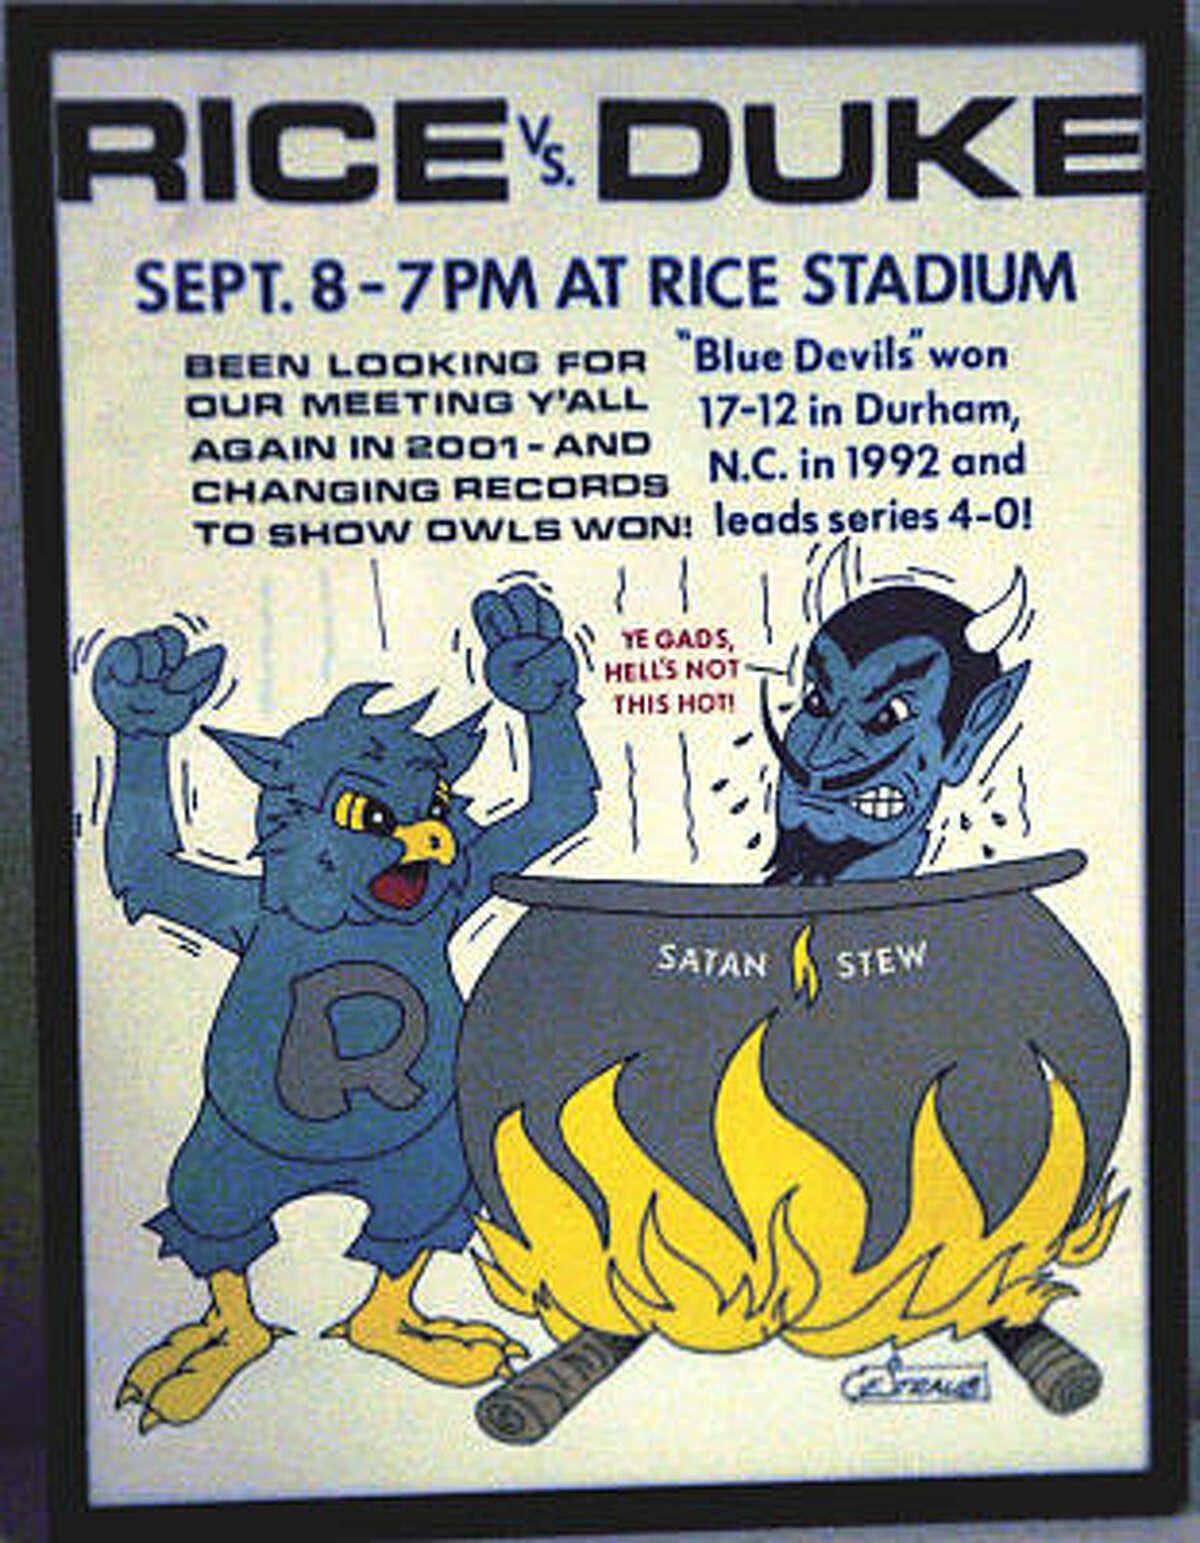 Rice vs. Duke (Sept. 8, 2001)